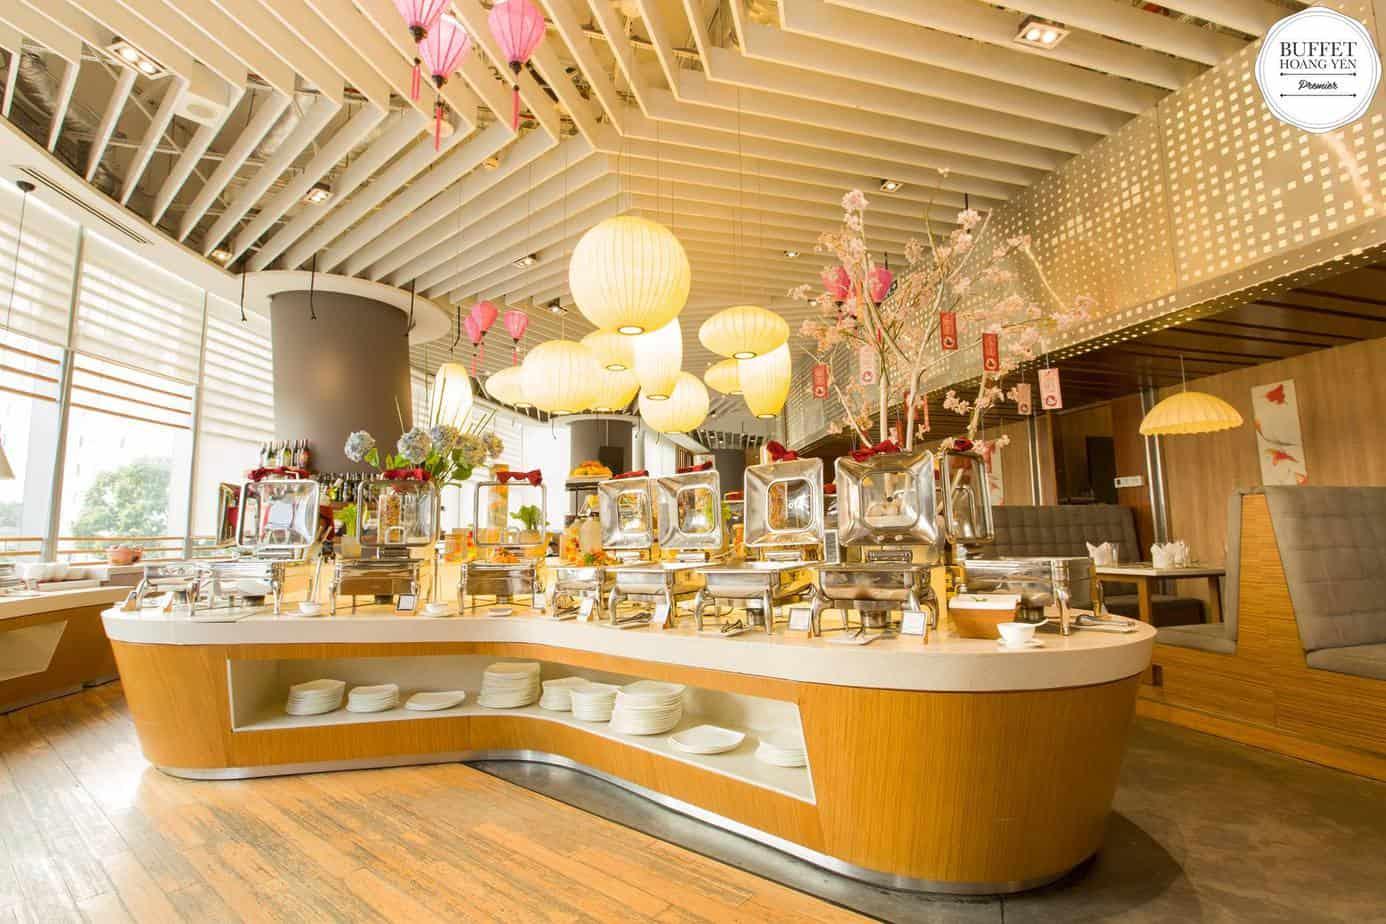 Top 8 Nhà Hàng Buffet Cao Cấp Tại TPHCM Mà Dân Sành Ăn Không Nên Bỏ Lỡ - nhà hàng buffet cao câp tại tphcm - Caravelle Saigon hotel | Hoàng Yến Premier | Nhà Hàng Buffet 88